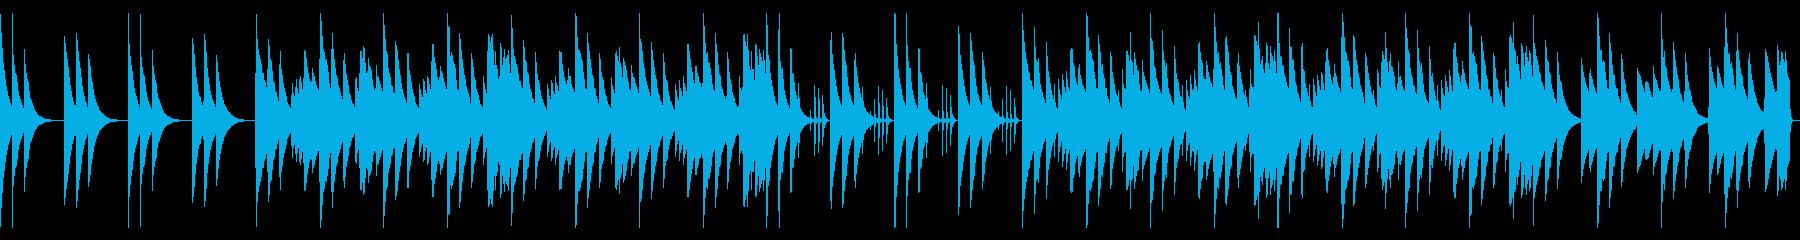 森/民族/ほのぼの_No653_1の再生済みの波形